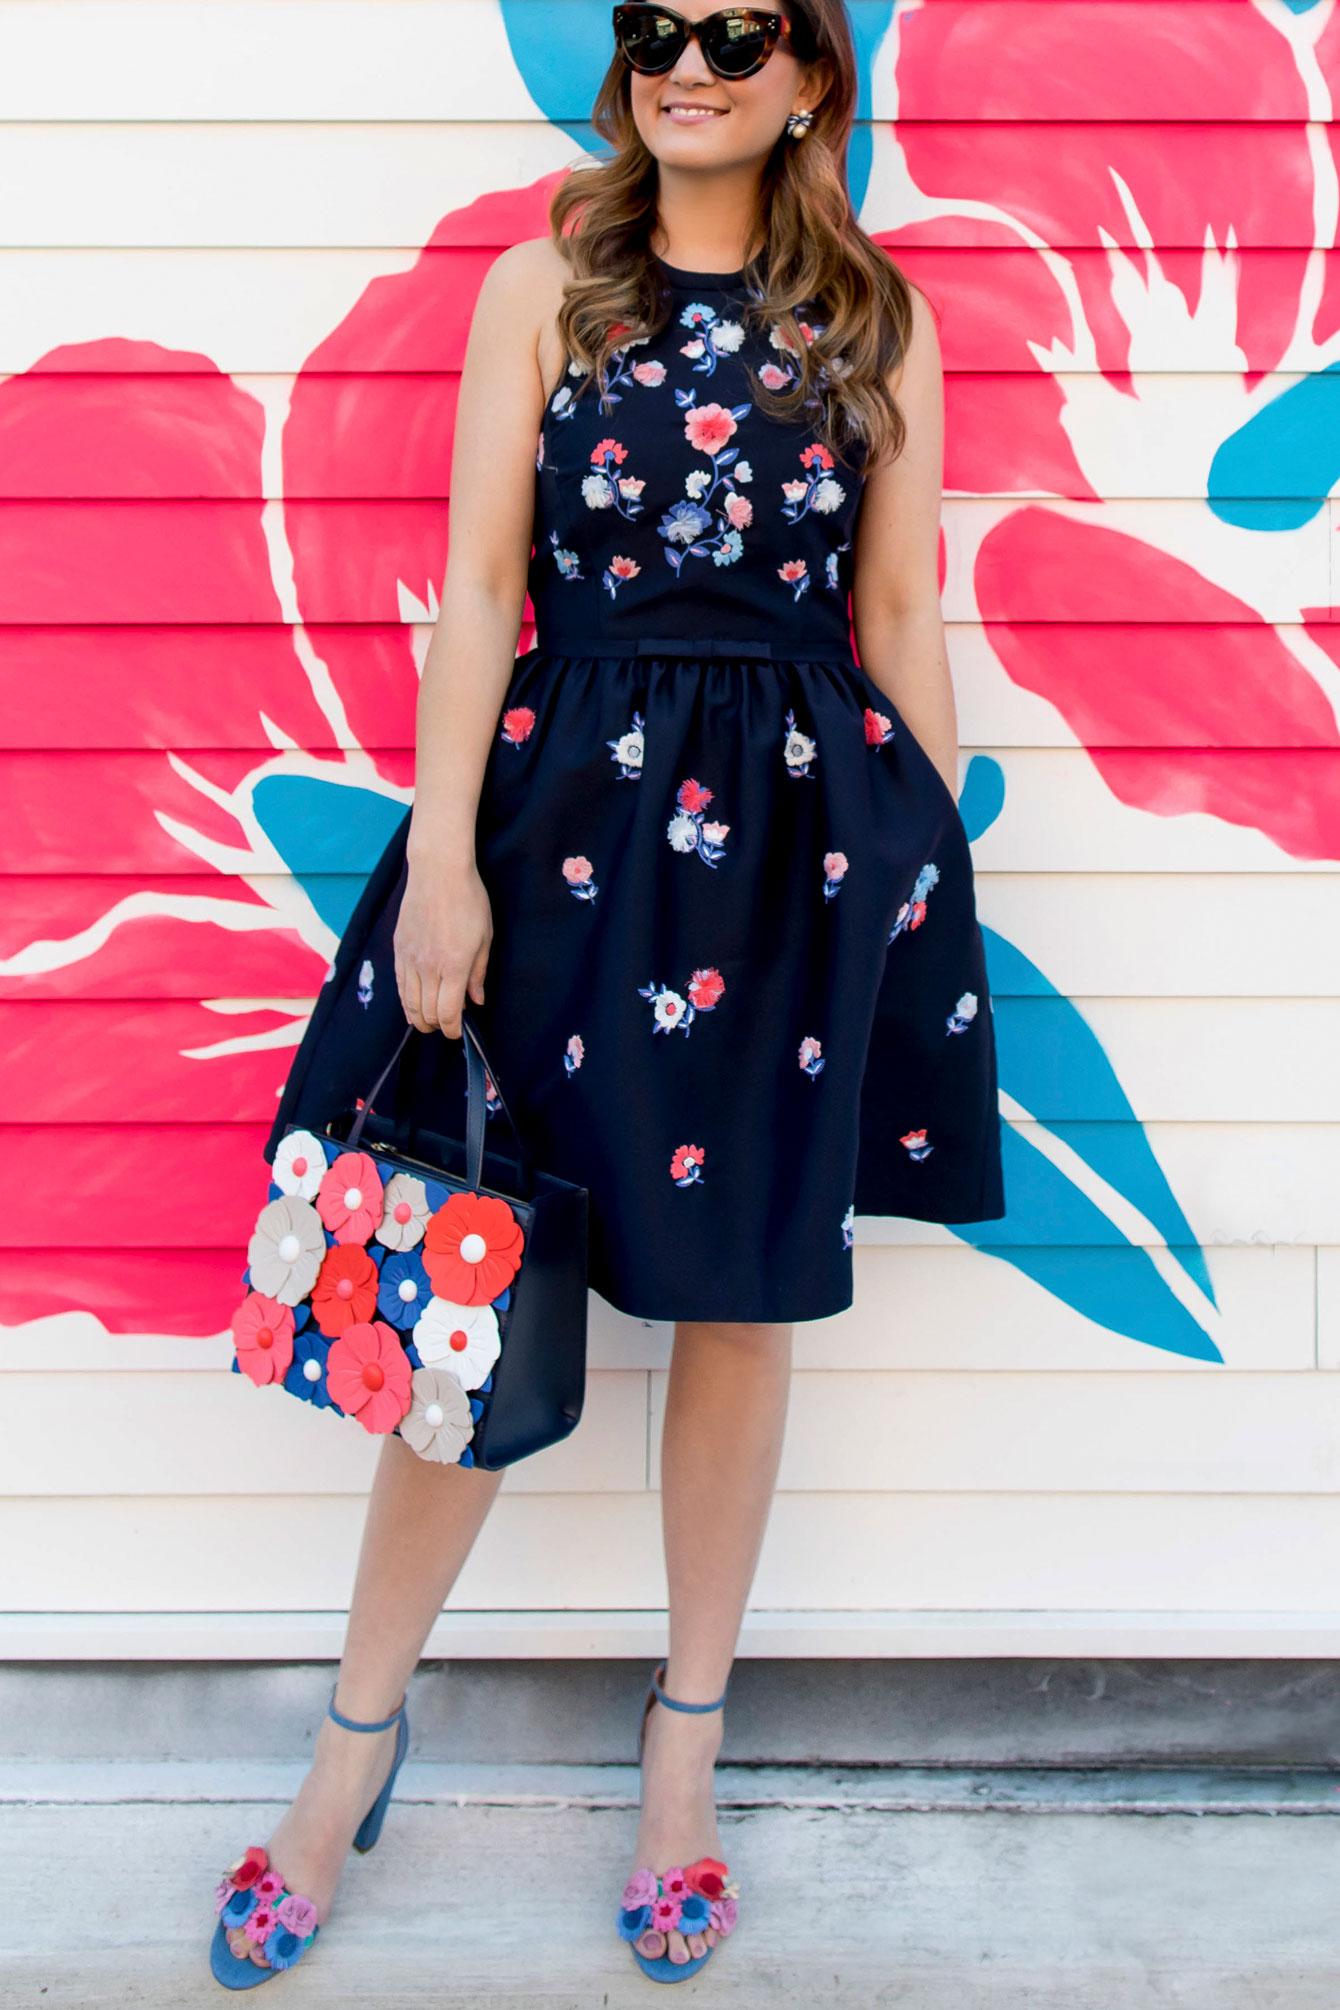 Kate Spade Pom Pom Embroidered Dress